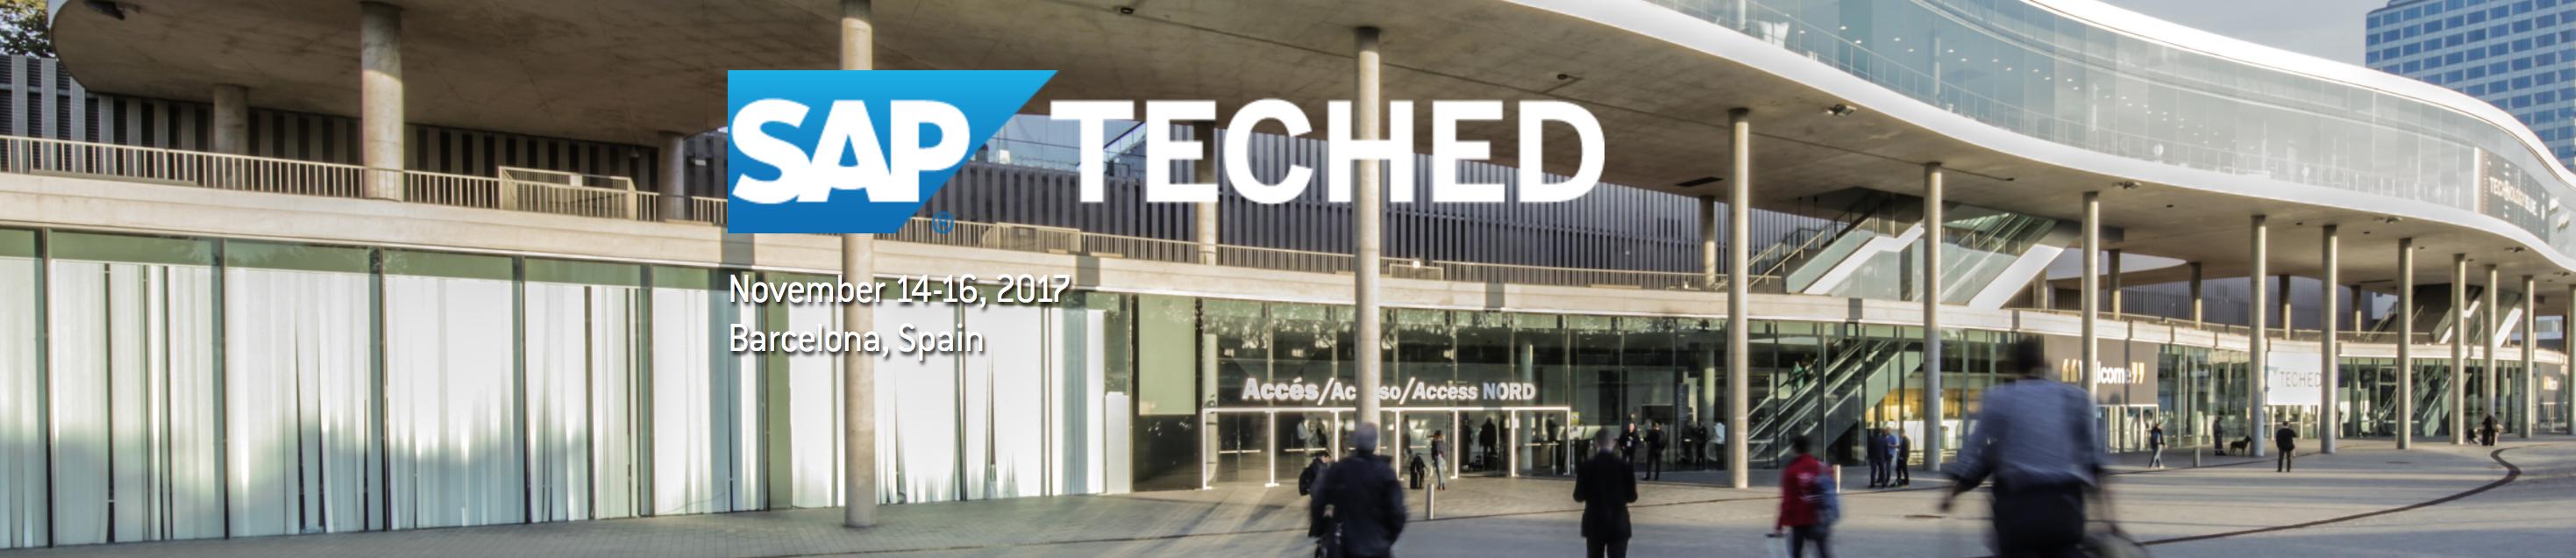 SAP TechEd 2017. Mitech guarda al futuro